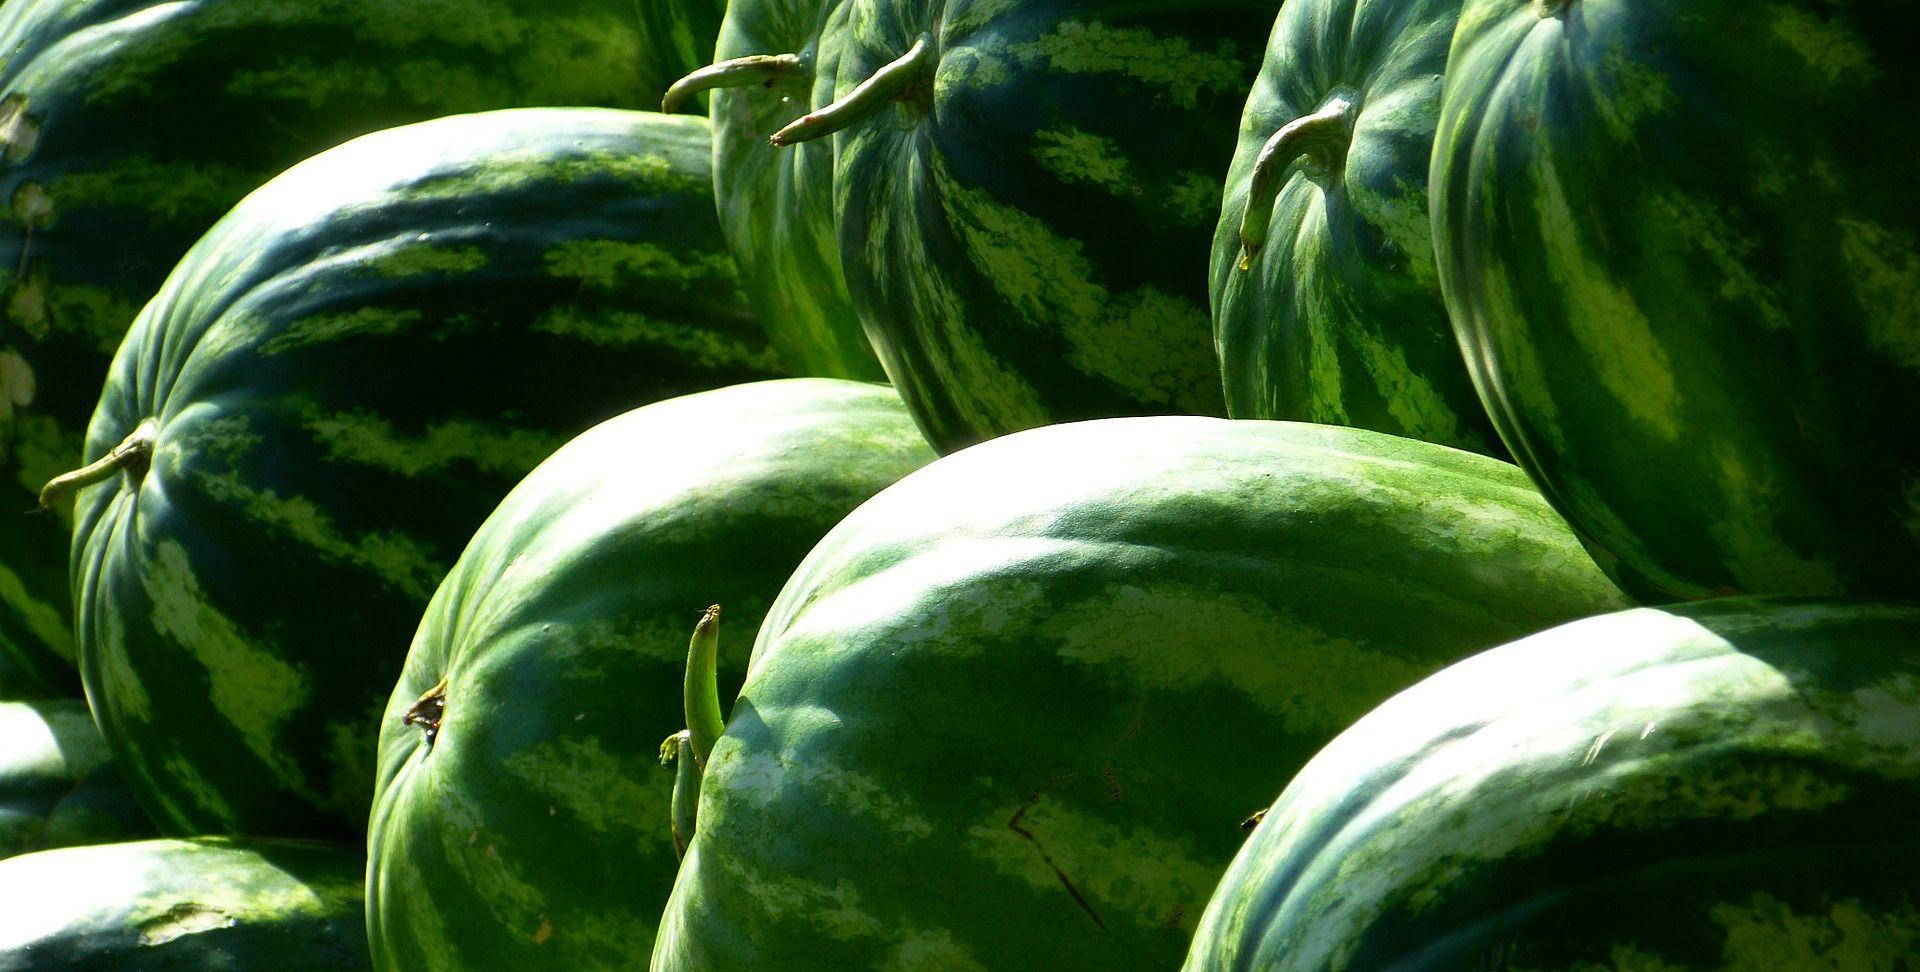 Policija među lubenicama pronašla više od 400 kilograma marihuane